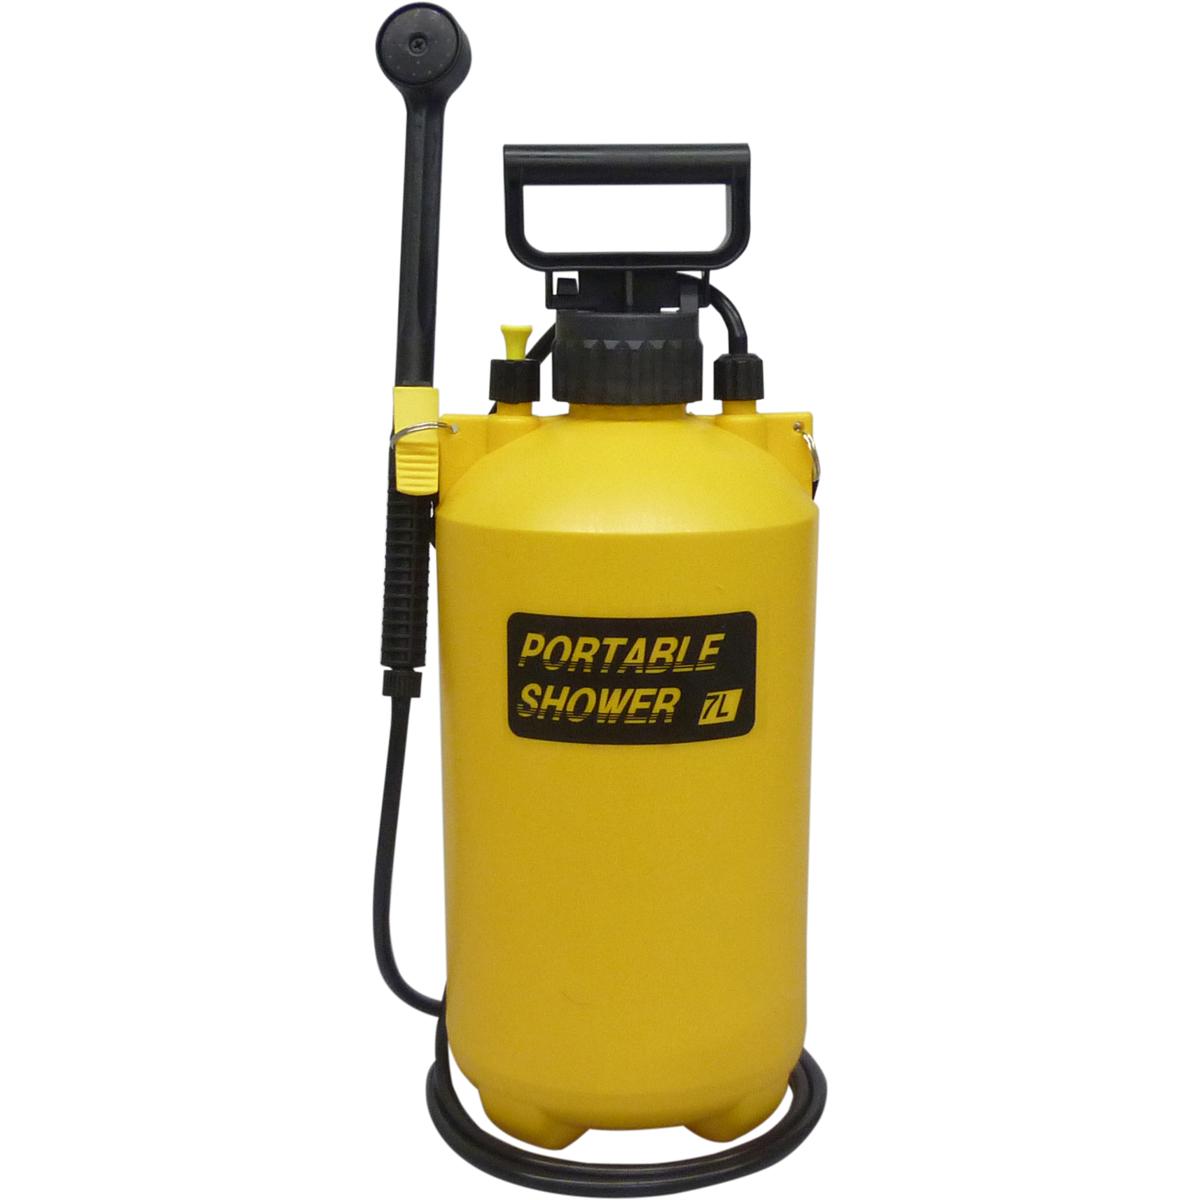 マルハチ産業 蓄圧式 SALENEW大人気 男女兼用 ポータブルシャワー 3050190 7L